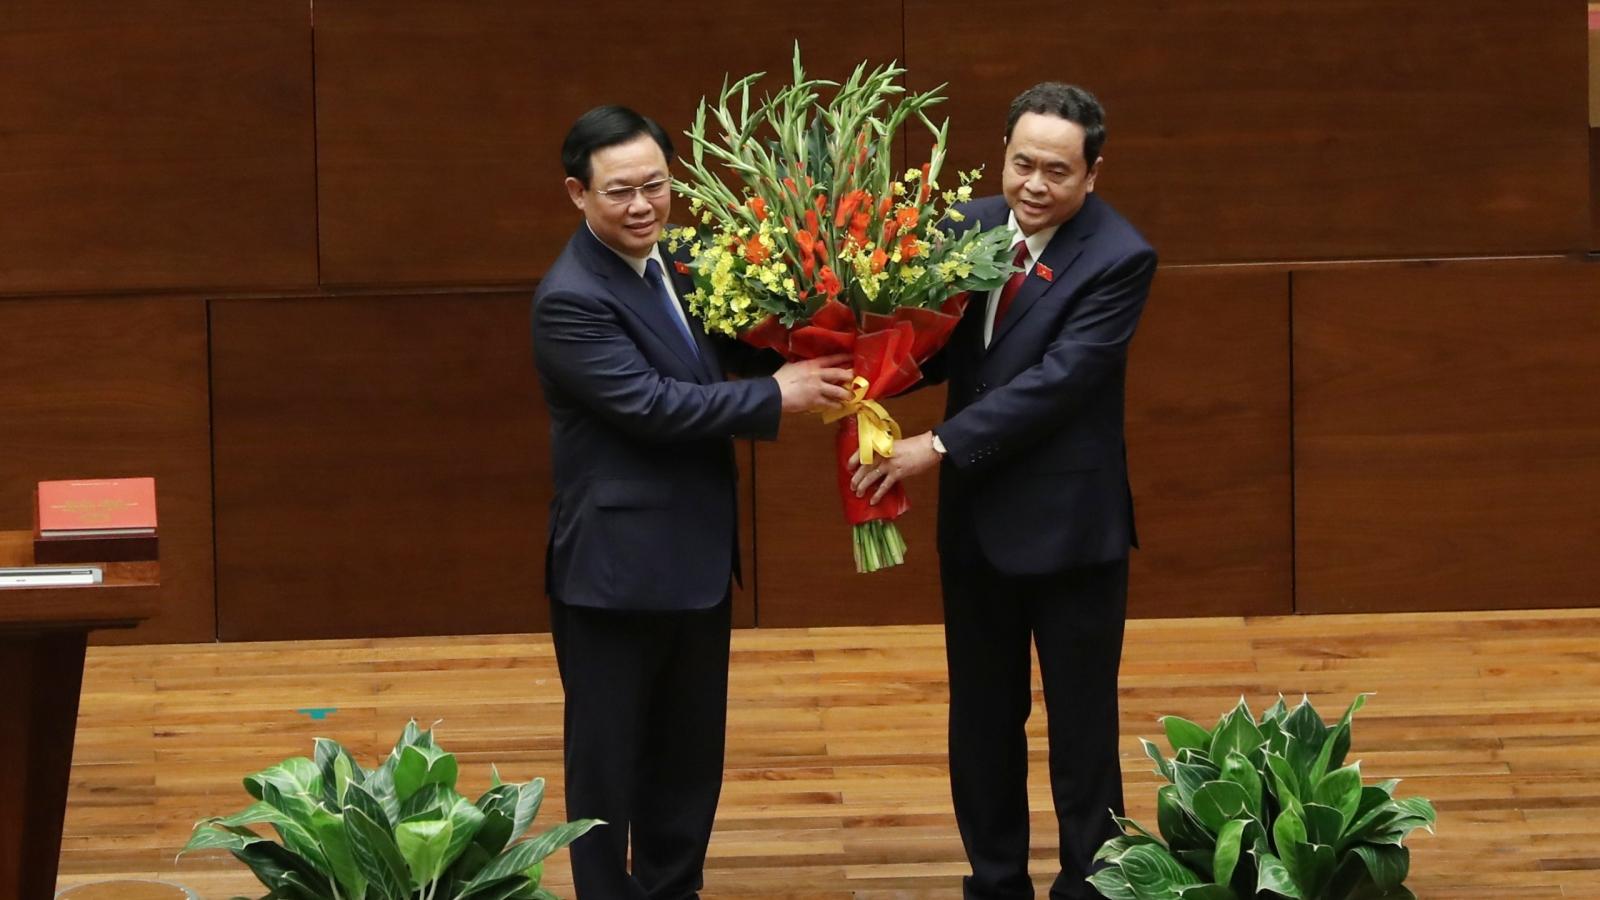 Chủ tịch Quốc hội Vương Đình Huệ nhận được sự tín nhiệm cao của đại biểu